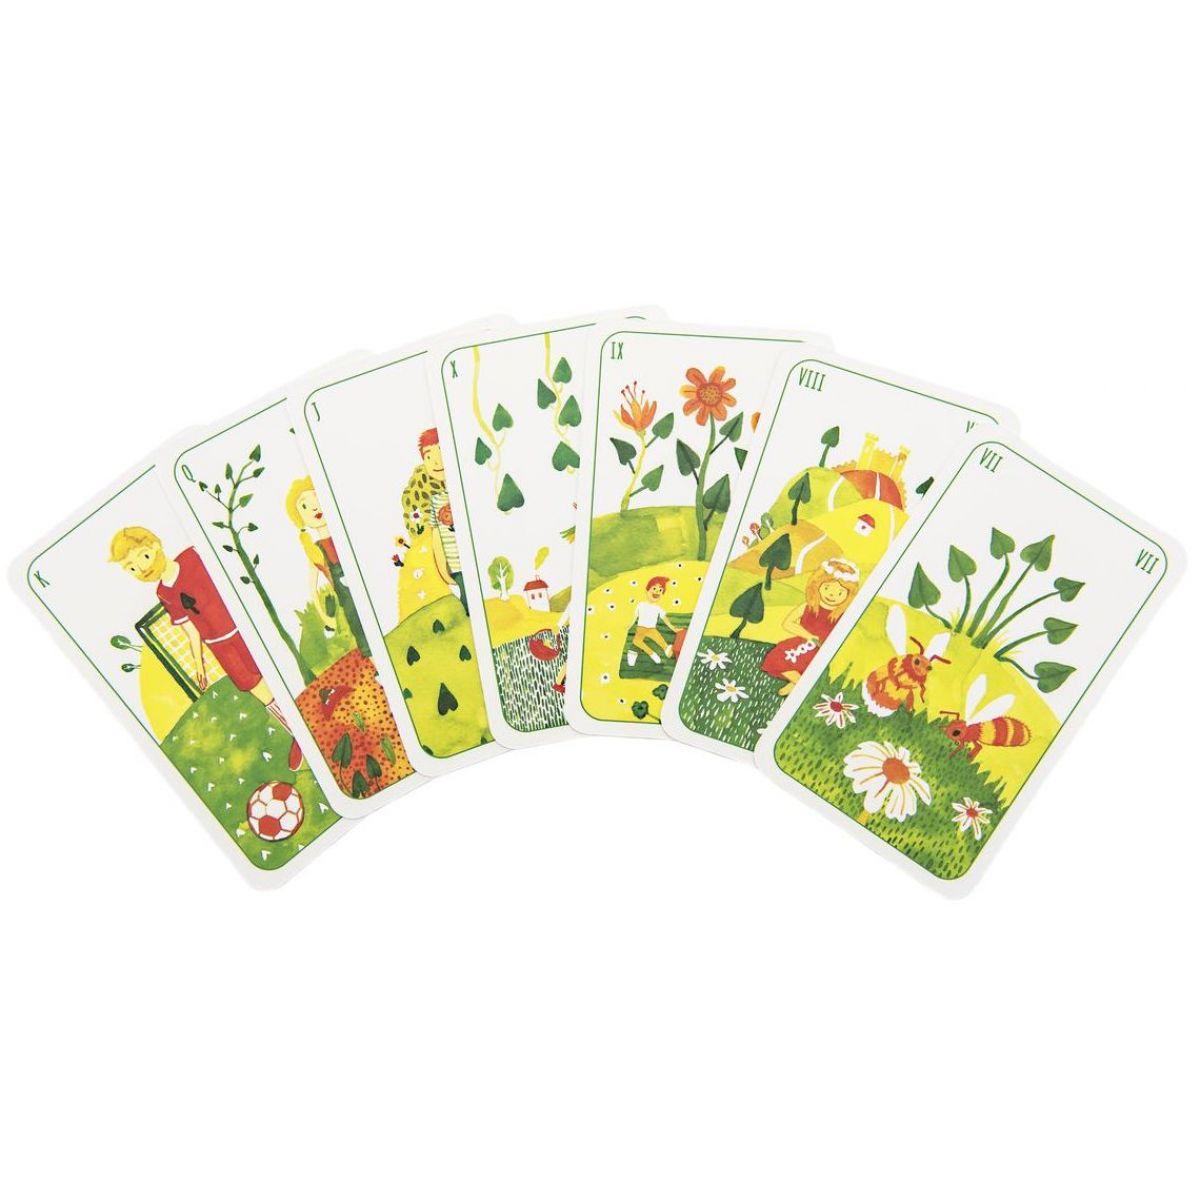 Prší jednohlavé karty pre deti Štyri ročné obdobia